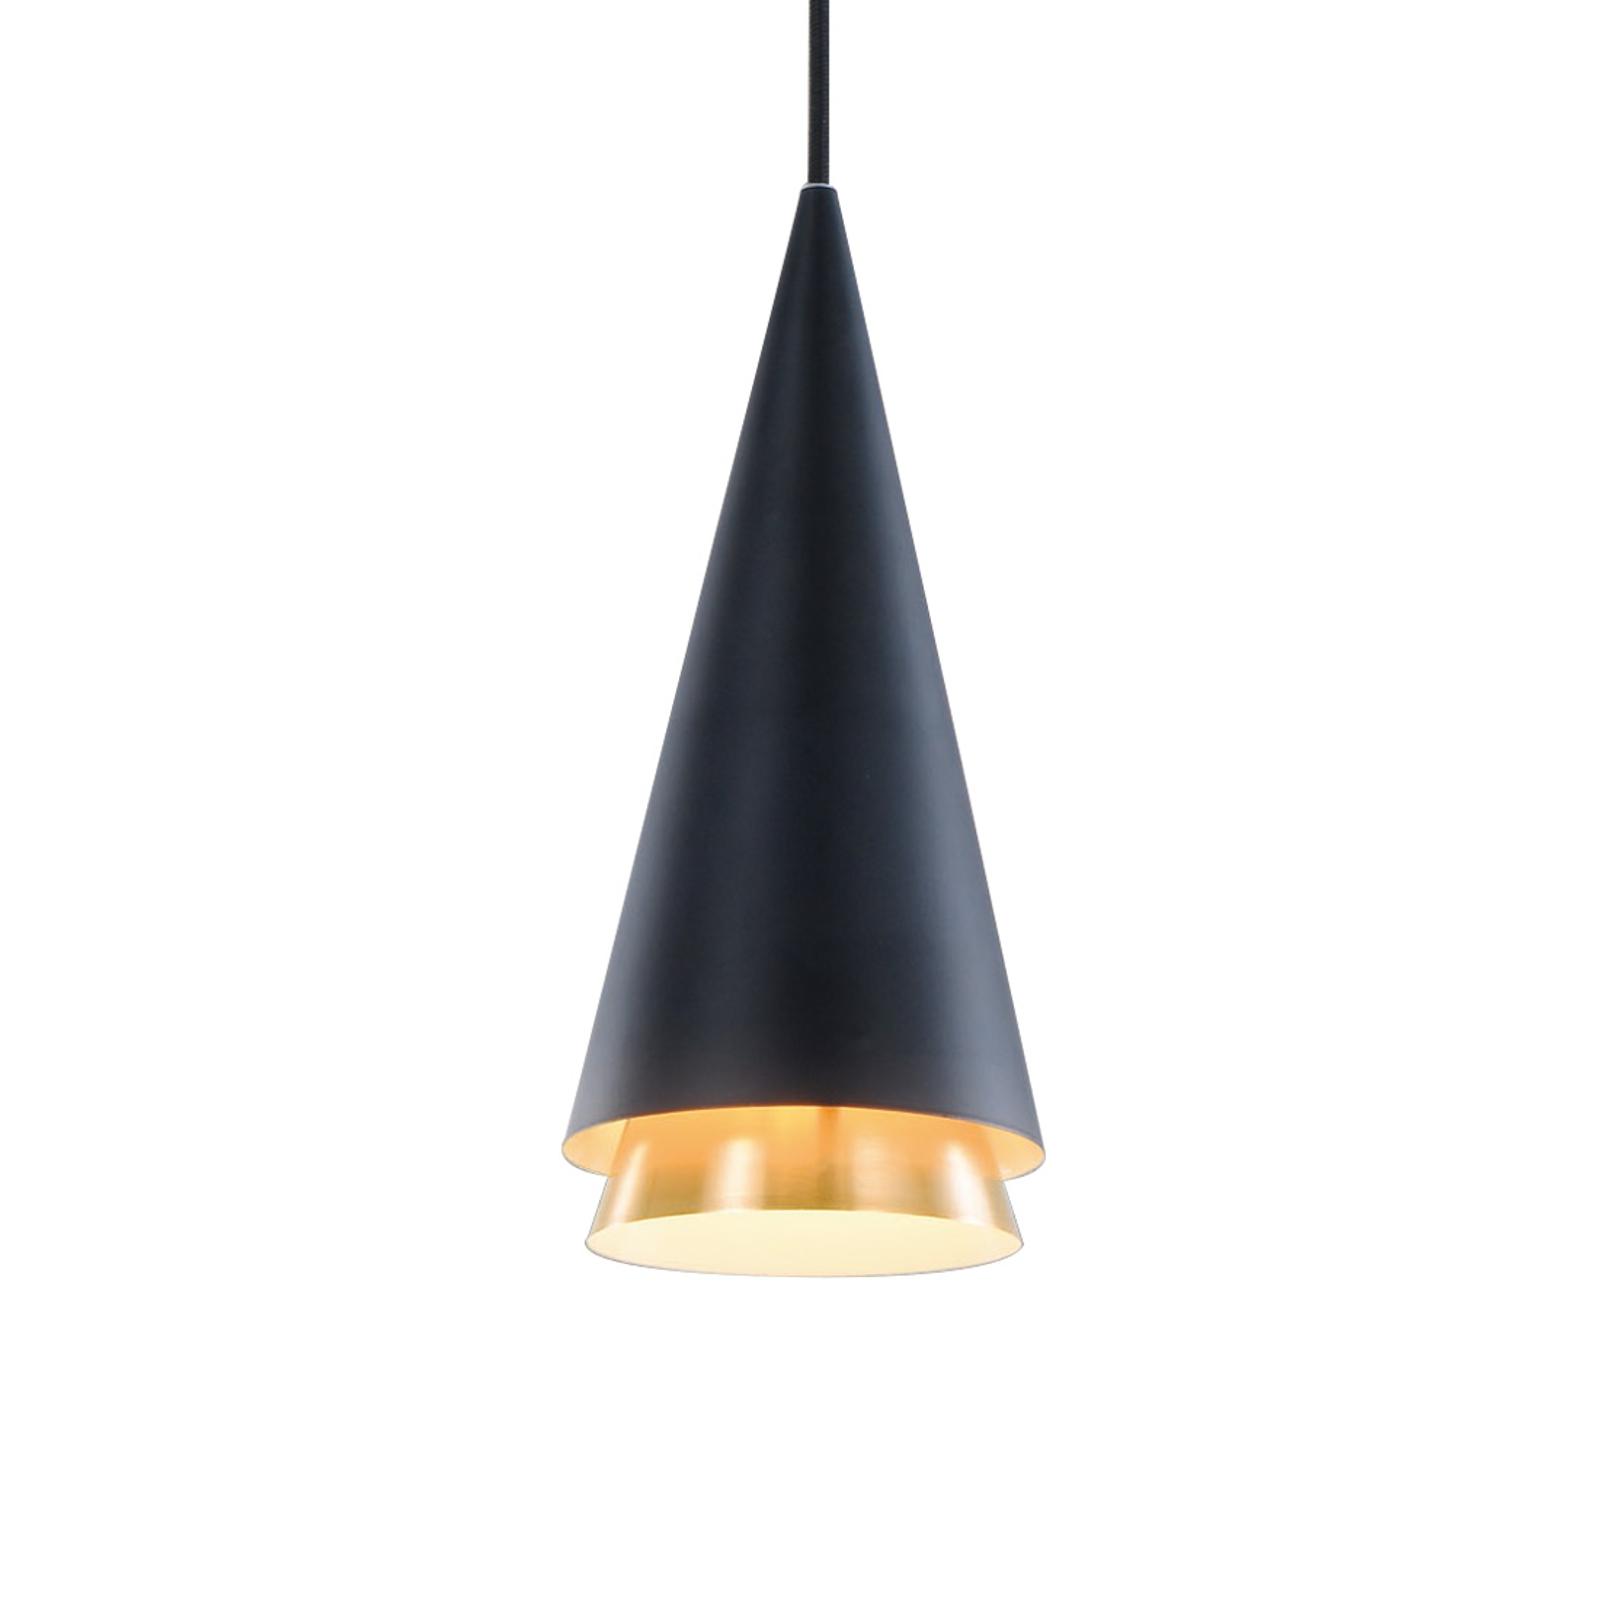 Lucande Naoh hængelampe, 1 lyskilde, sort